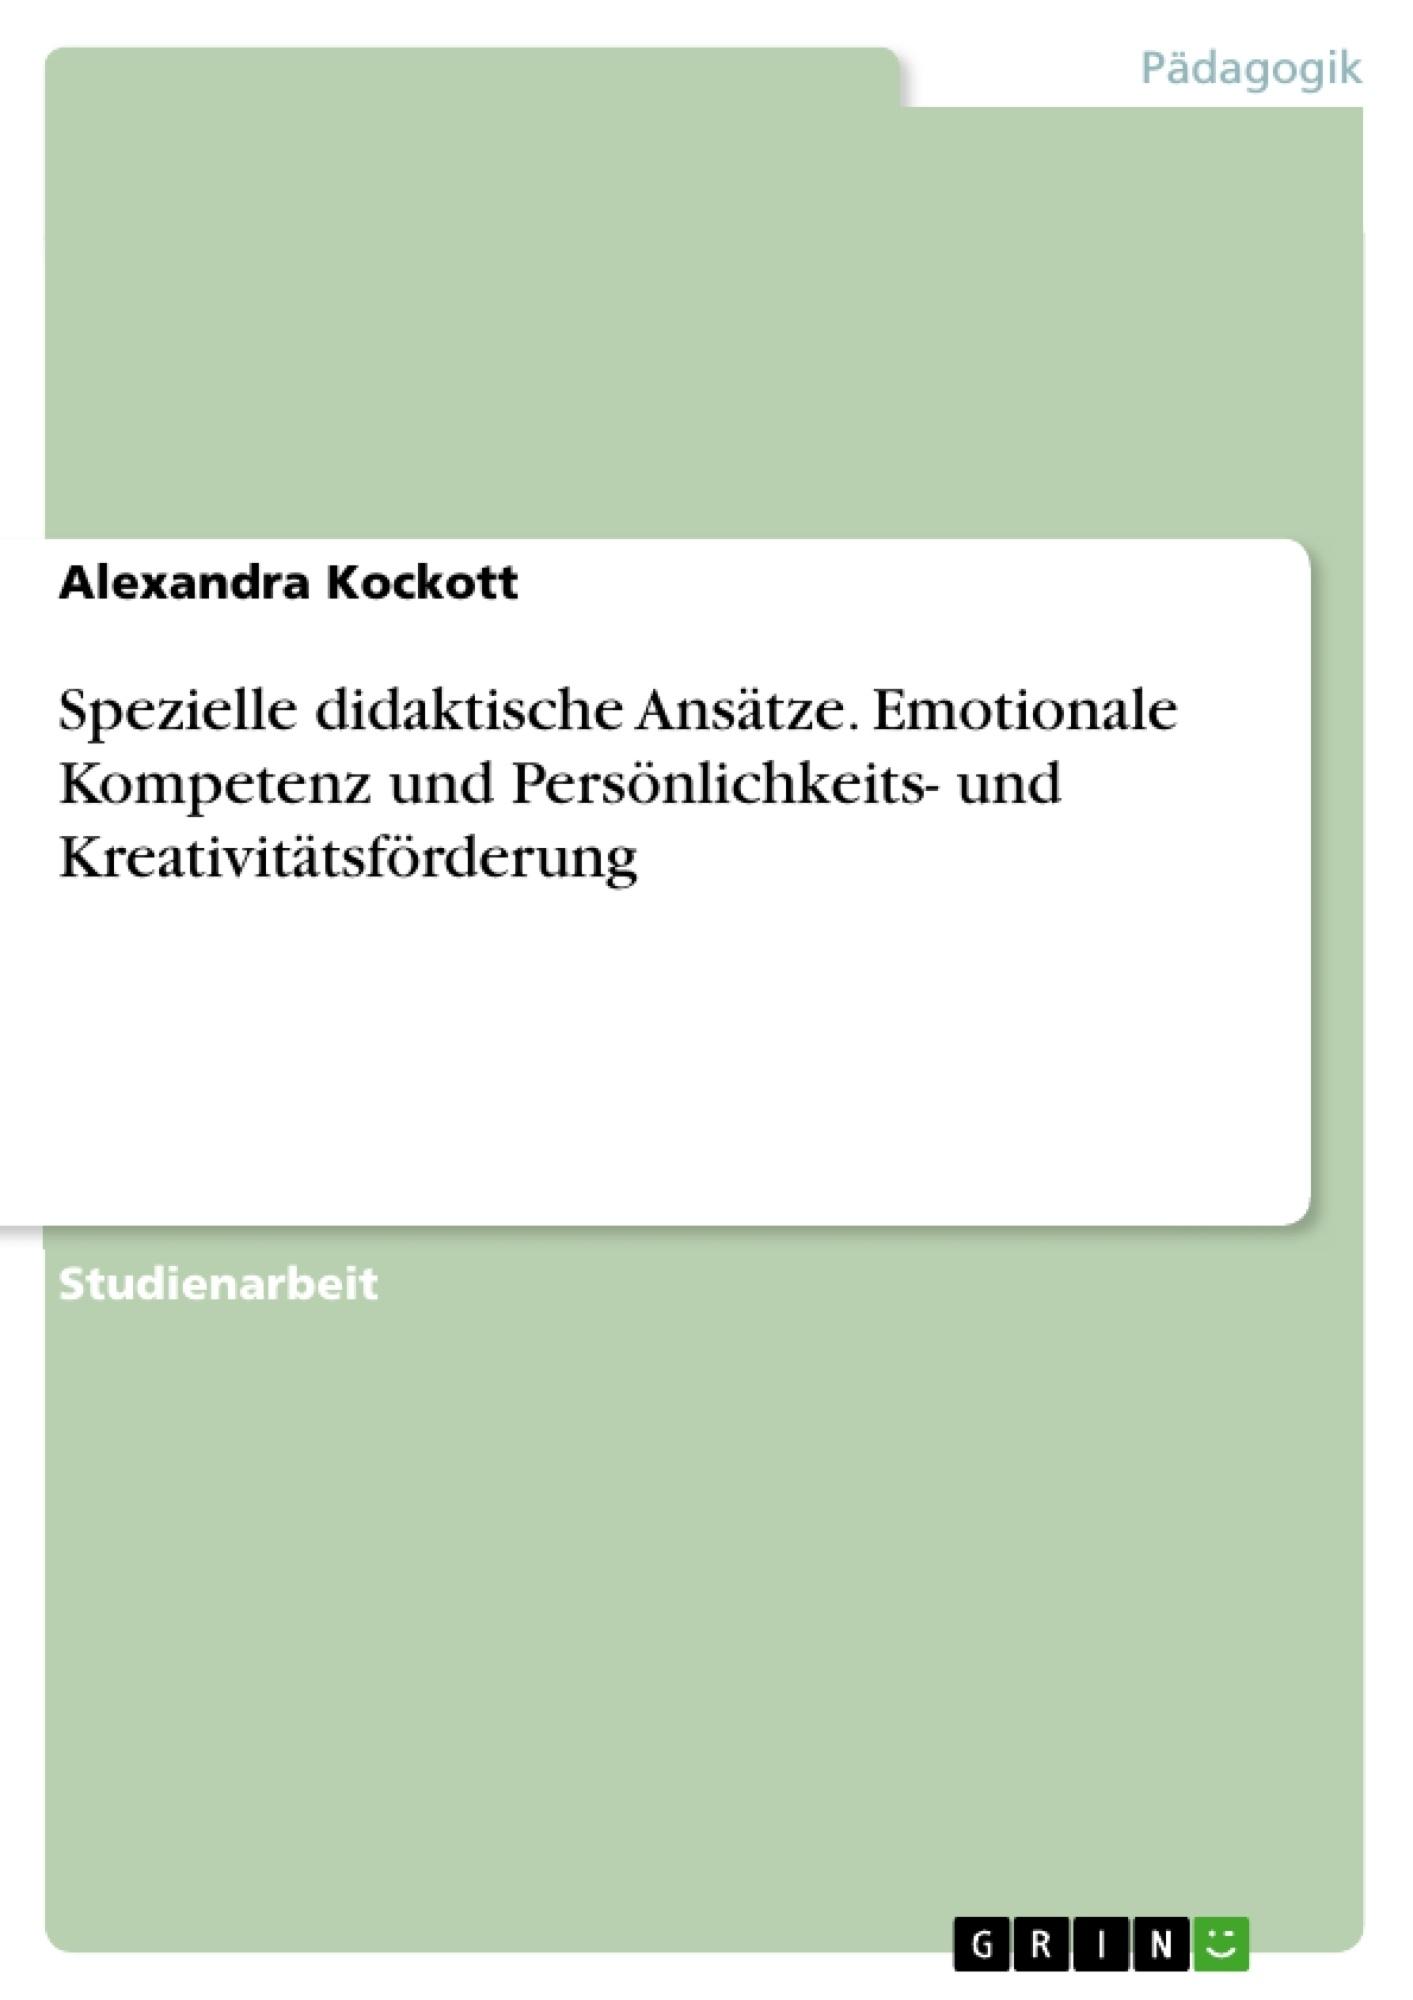 Titel: Spezielle didaktische Ansätze. Emotionale Kompetenz und Persönlichkeits- und Kreativitätsförderung